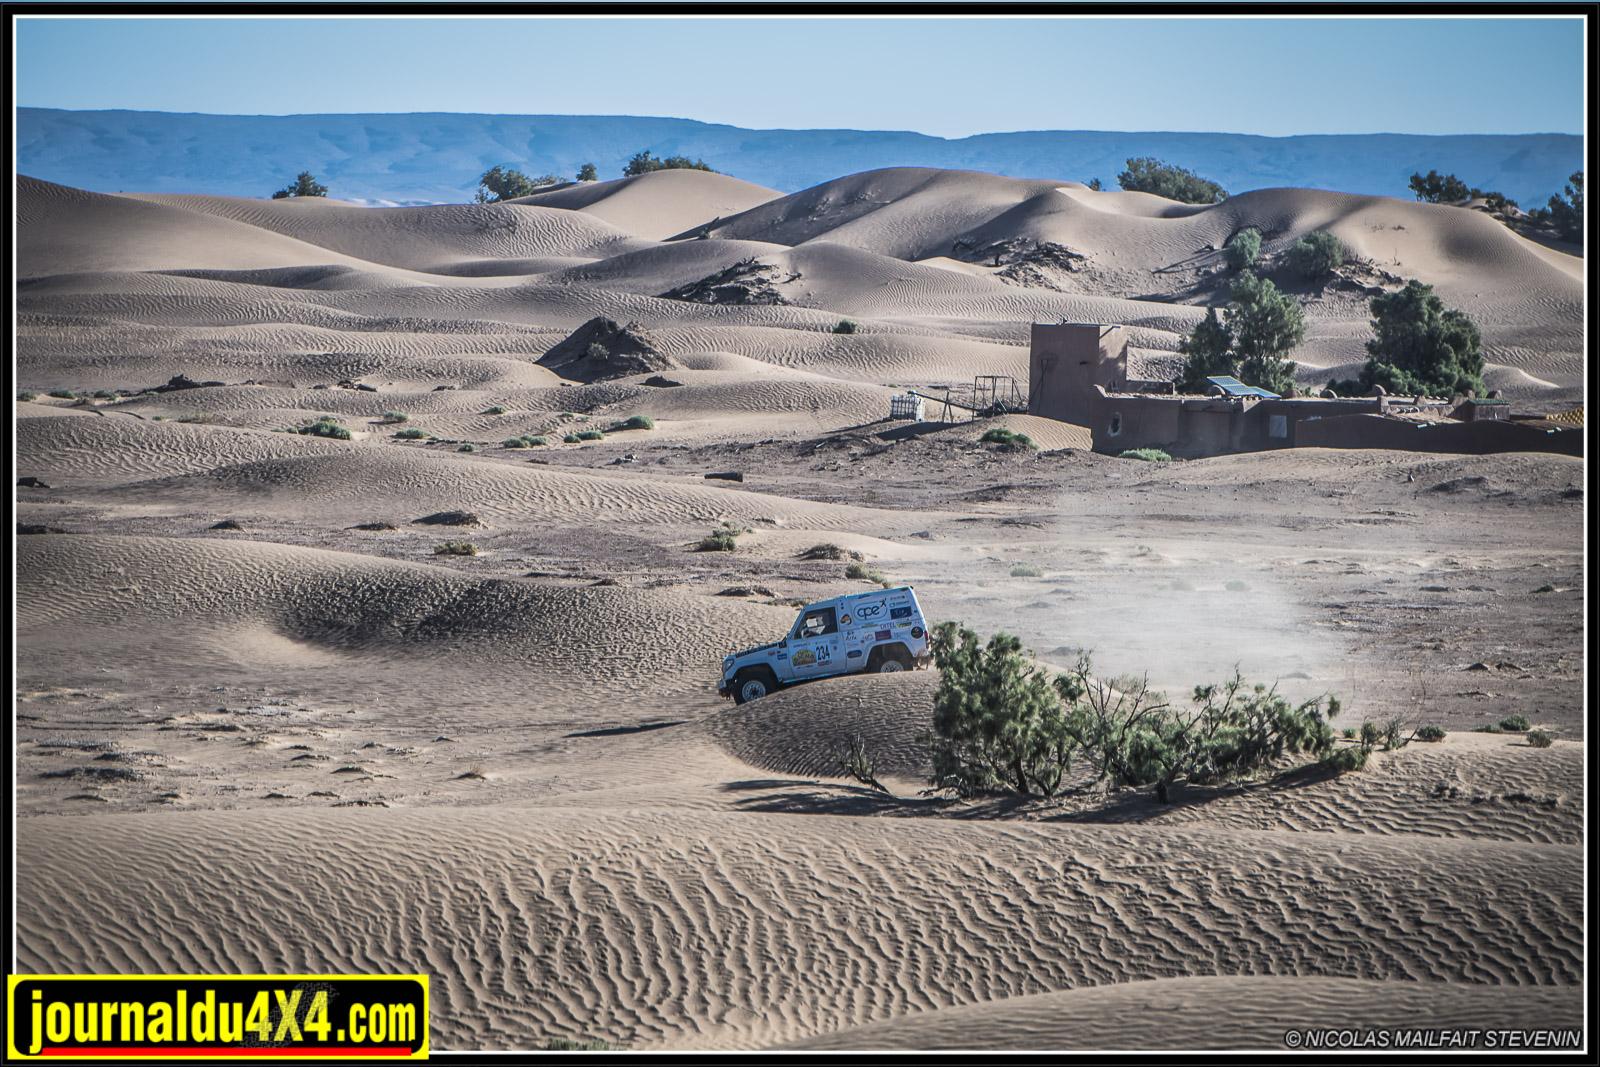 rallye-aicha-gazelles-maroc-2017-7045.jpg